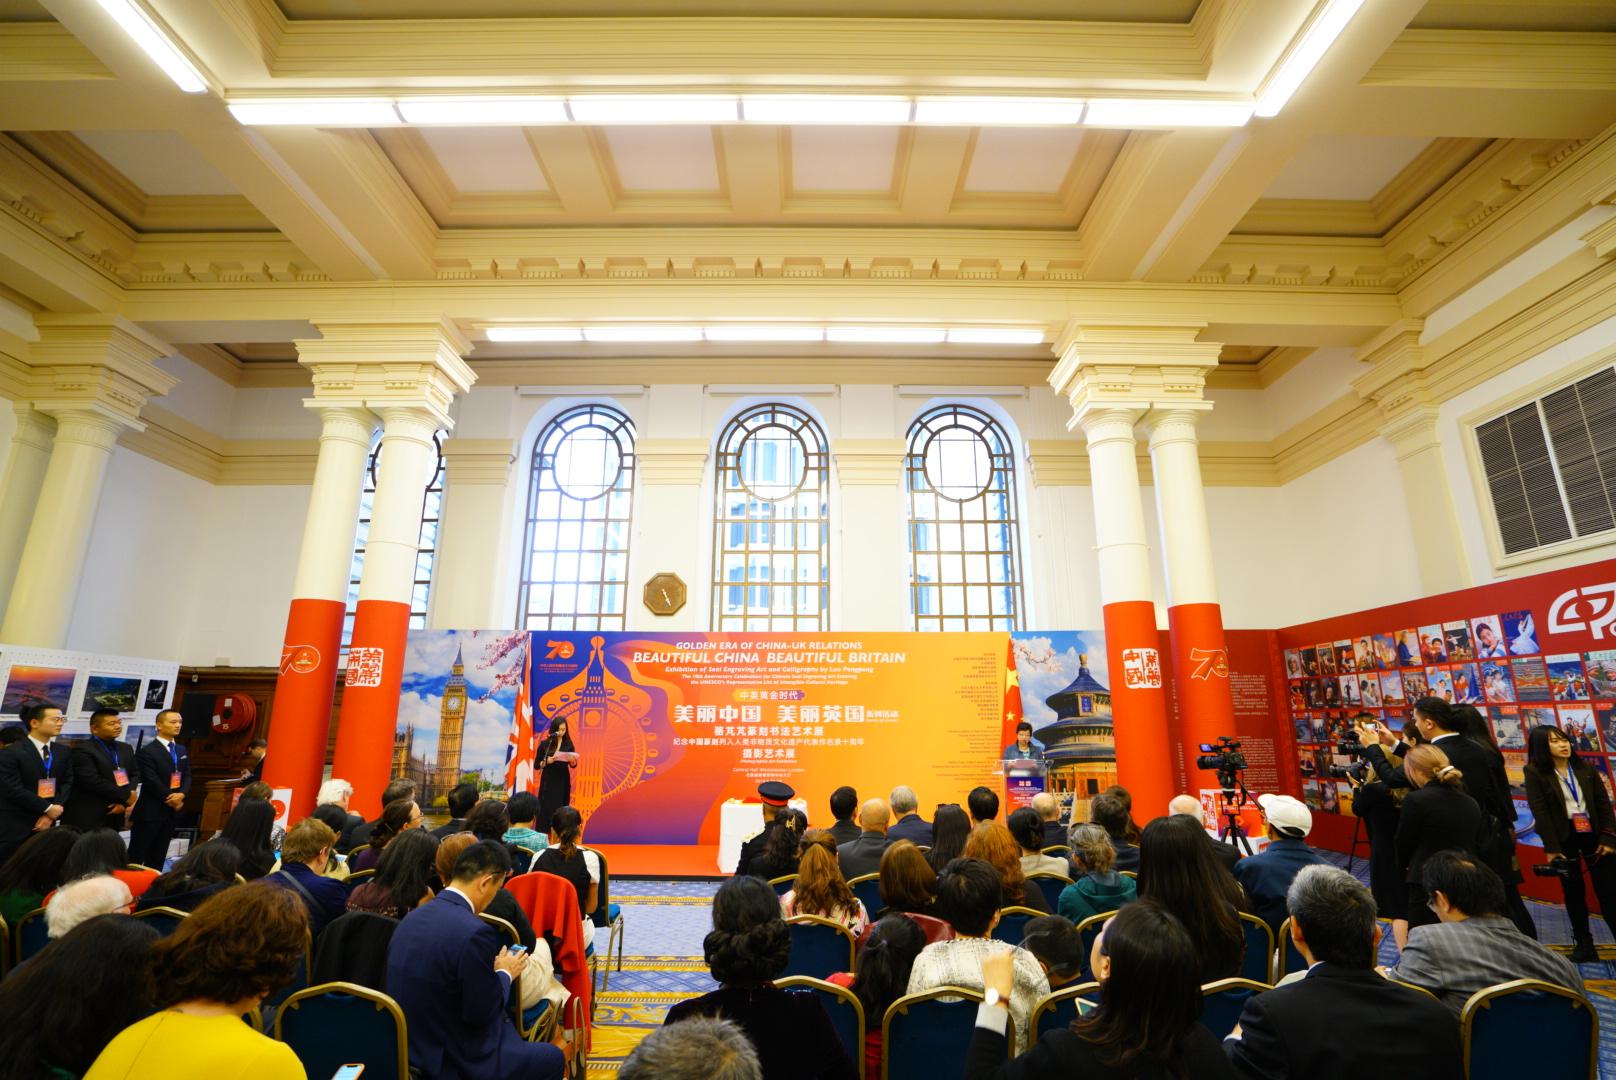 """美丽中国 美丽英国 — 中英黄金时代""""中国艺术展在伦敦开幕"""